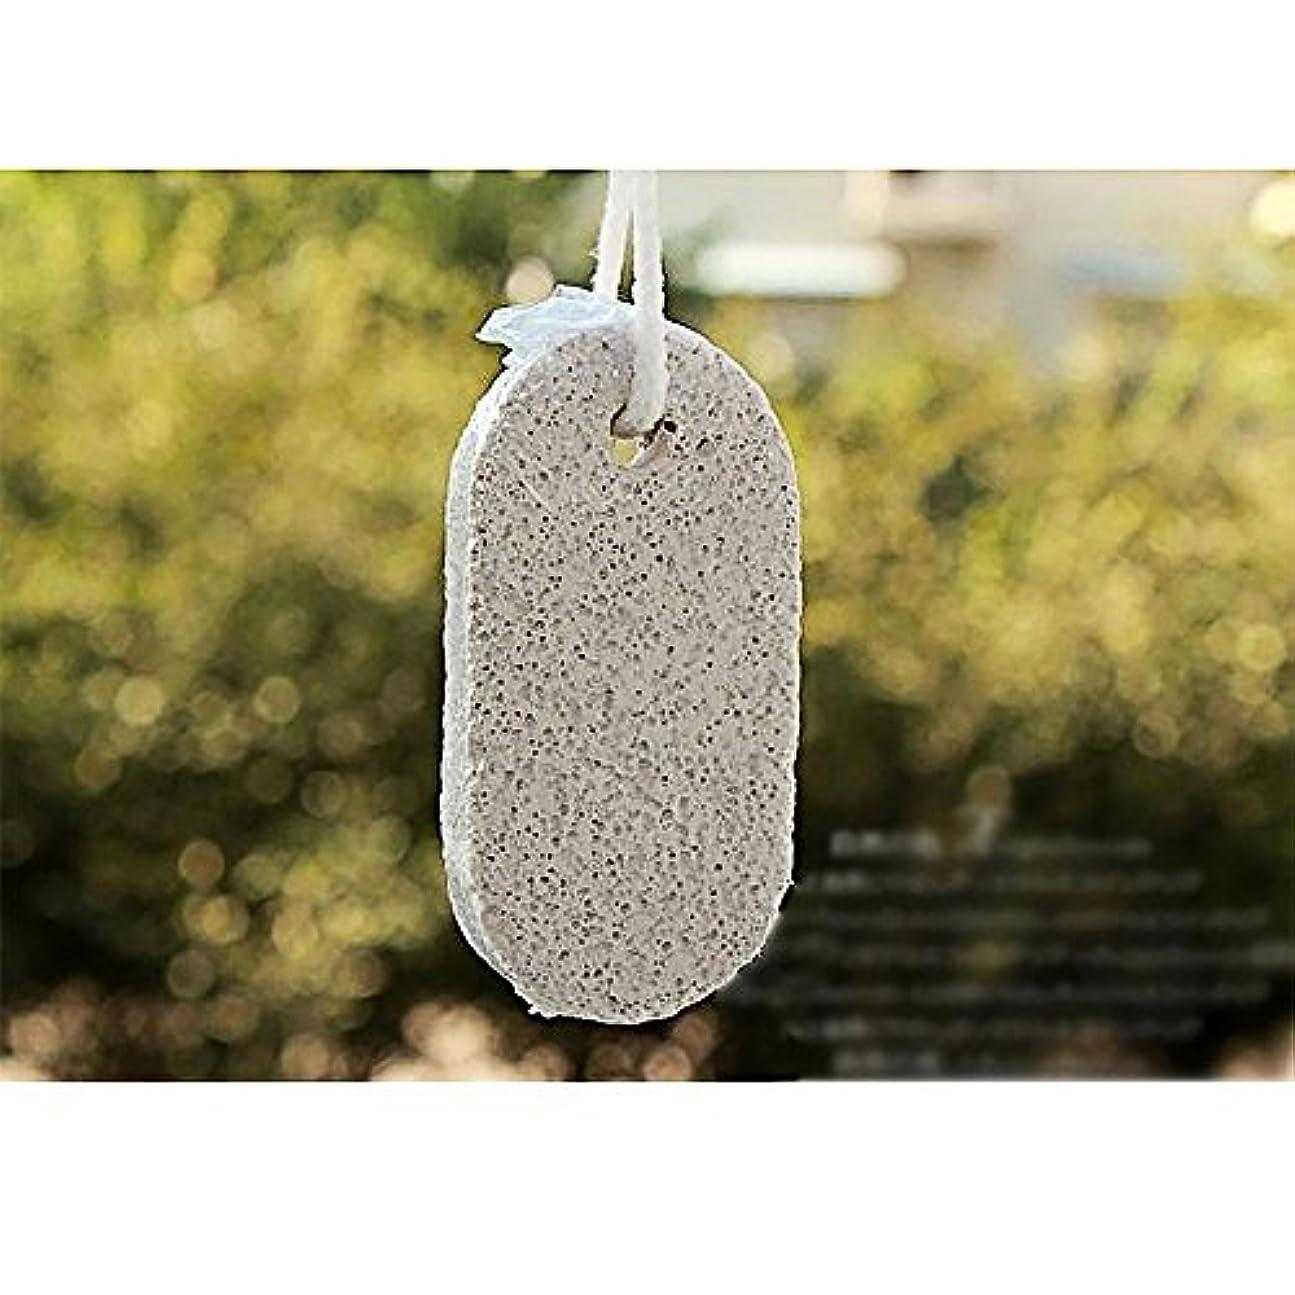 余分なハイブリッド種をまくデッド 安全デッドスキンリムーバー 美容ボディ メイクアップツール 天然素材 粗い 表面